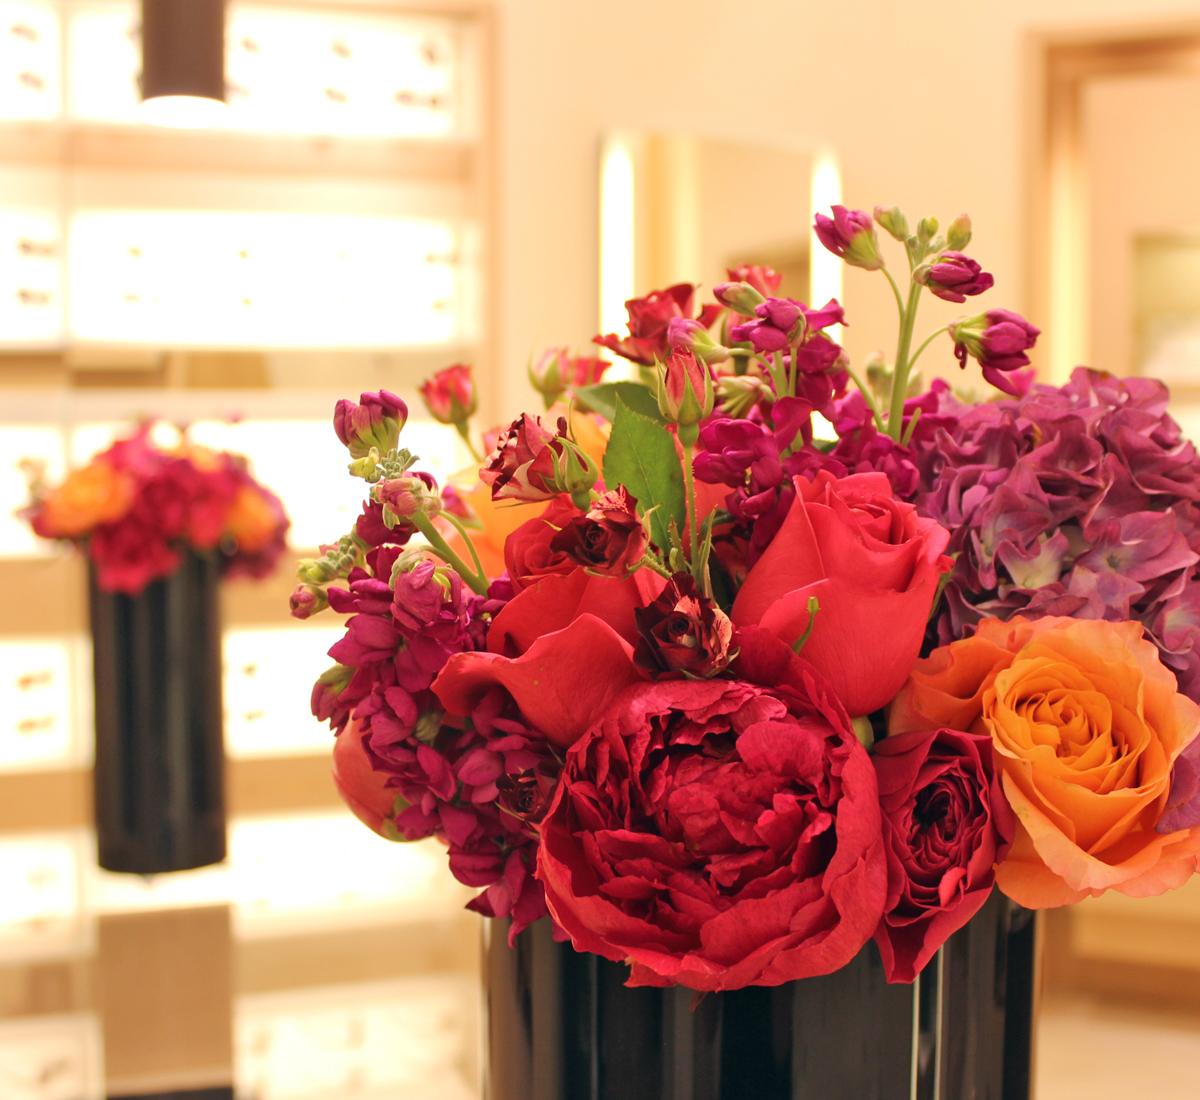 jewel-tone-flowers-4